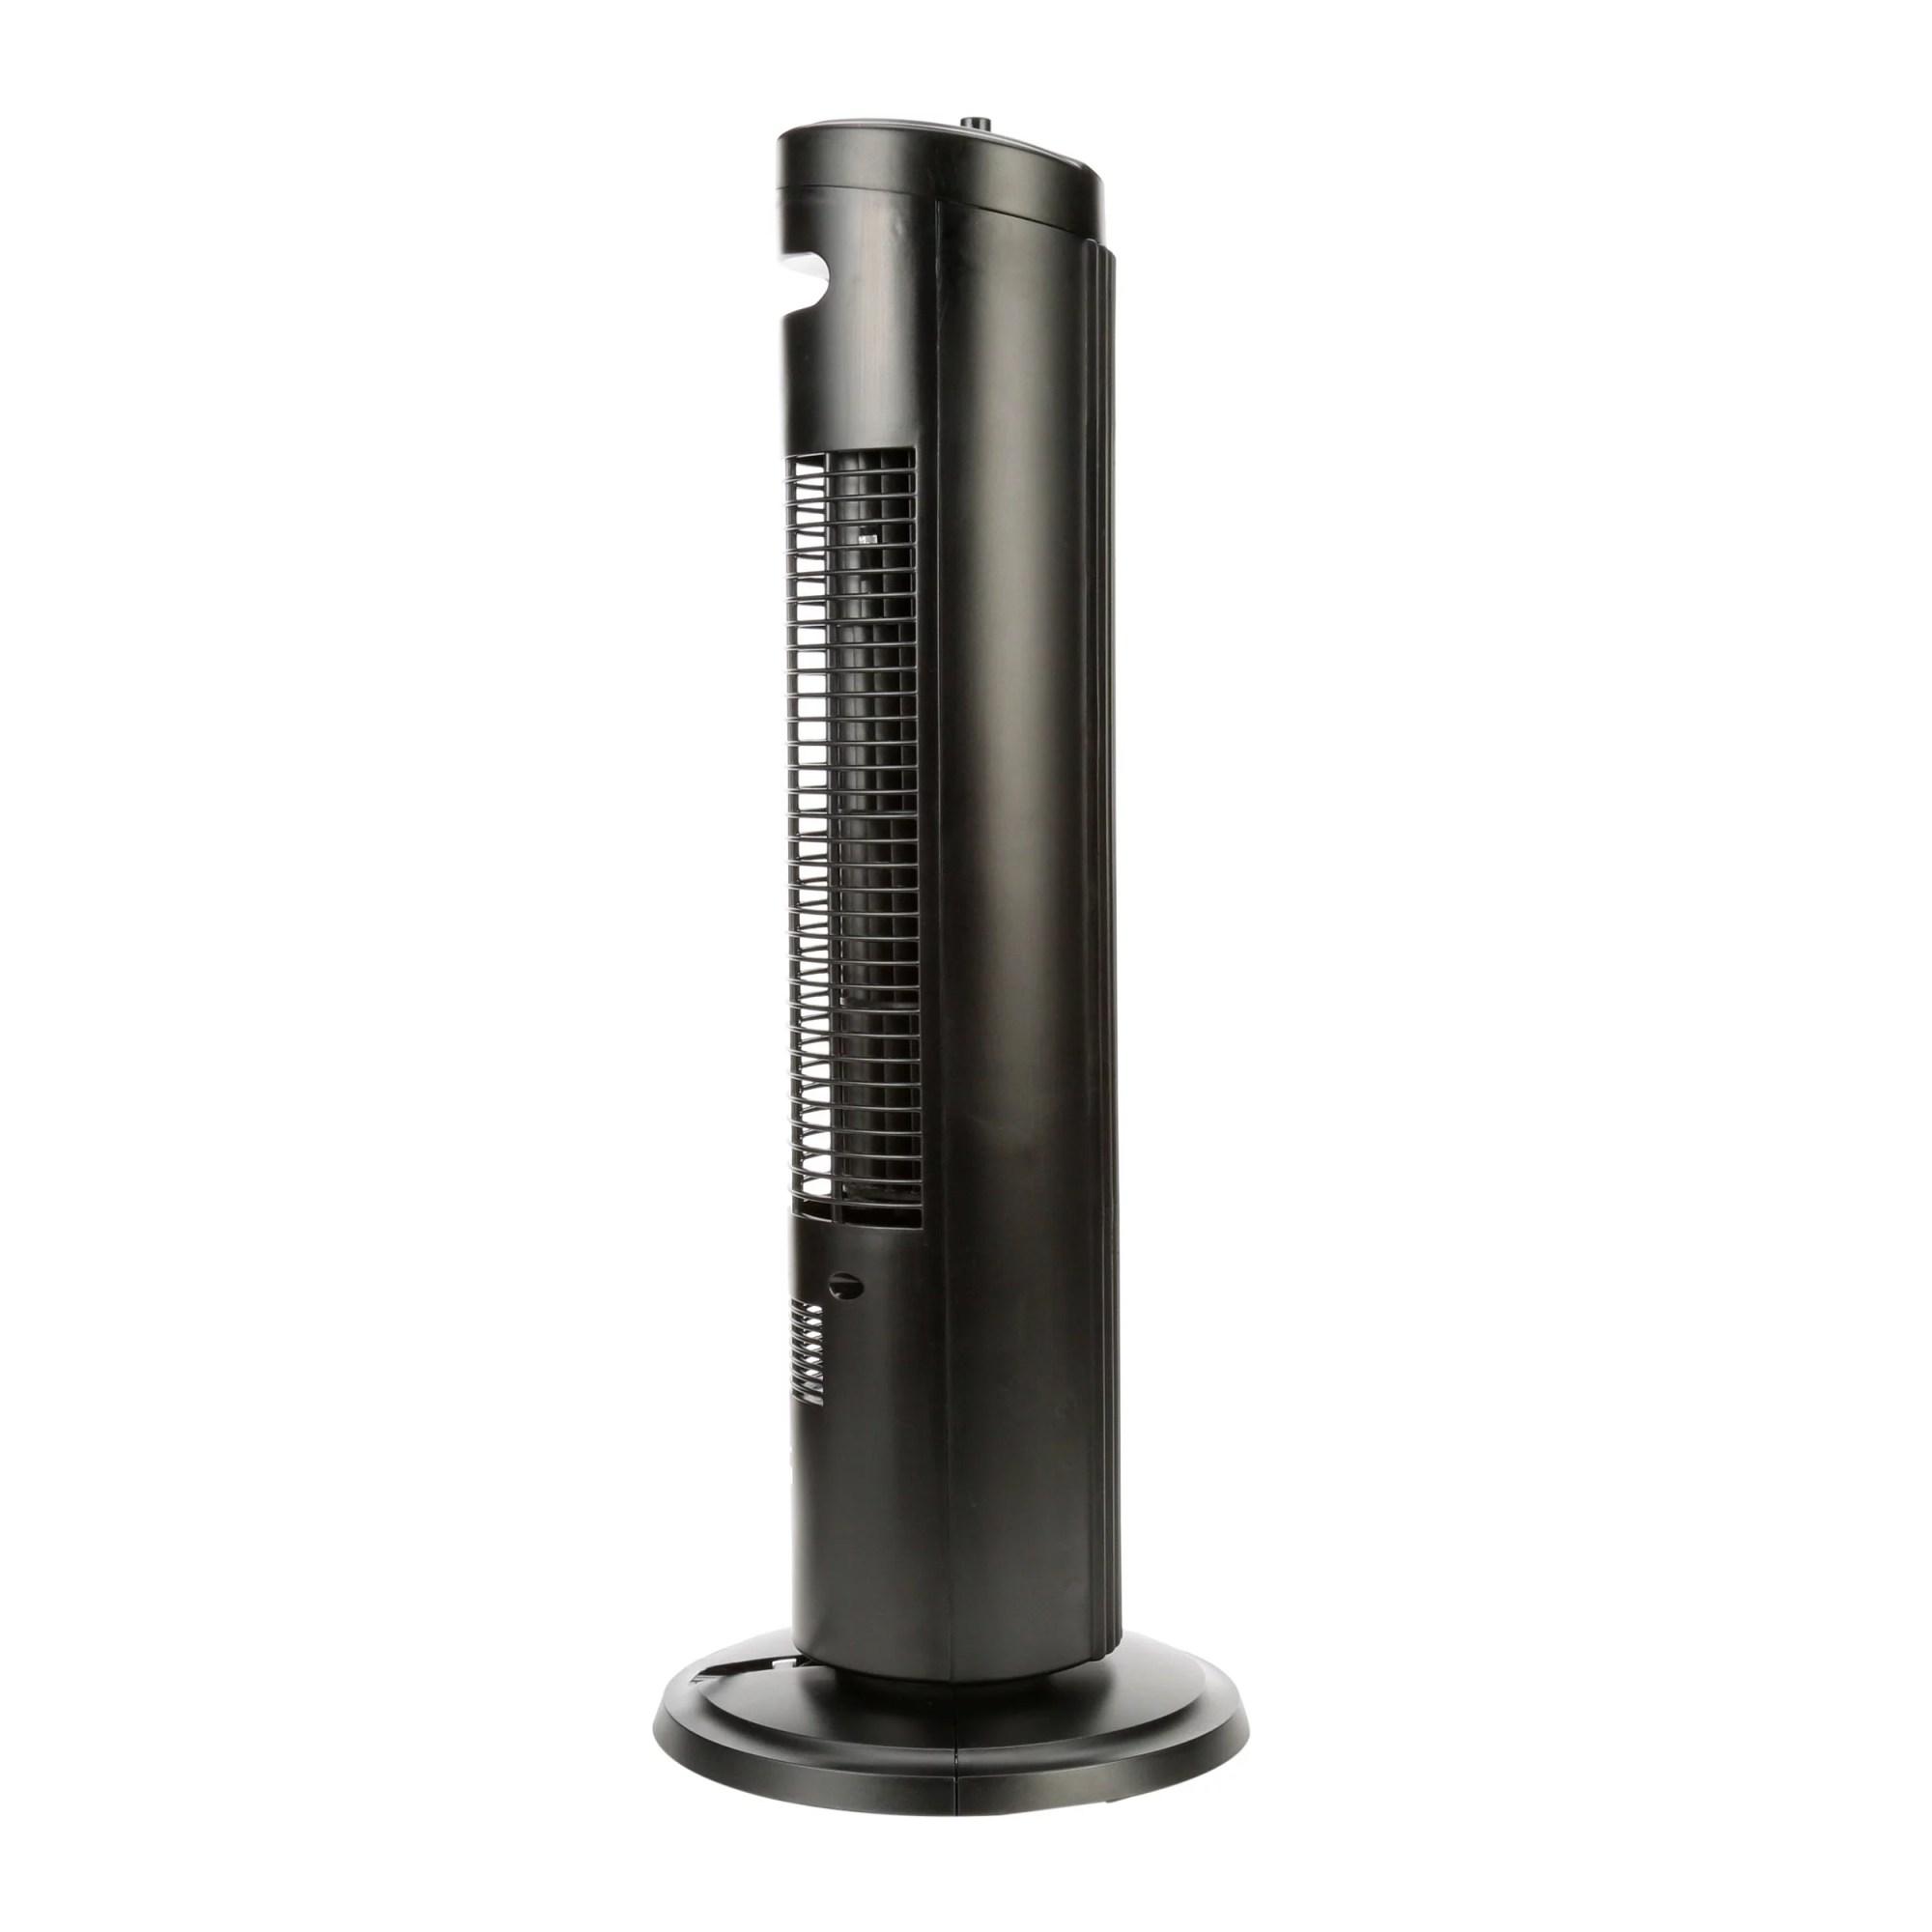 hight resolution of mainstays 27 oscillating tower 3 speed fan model fz10 10nb black